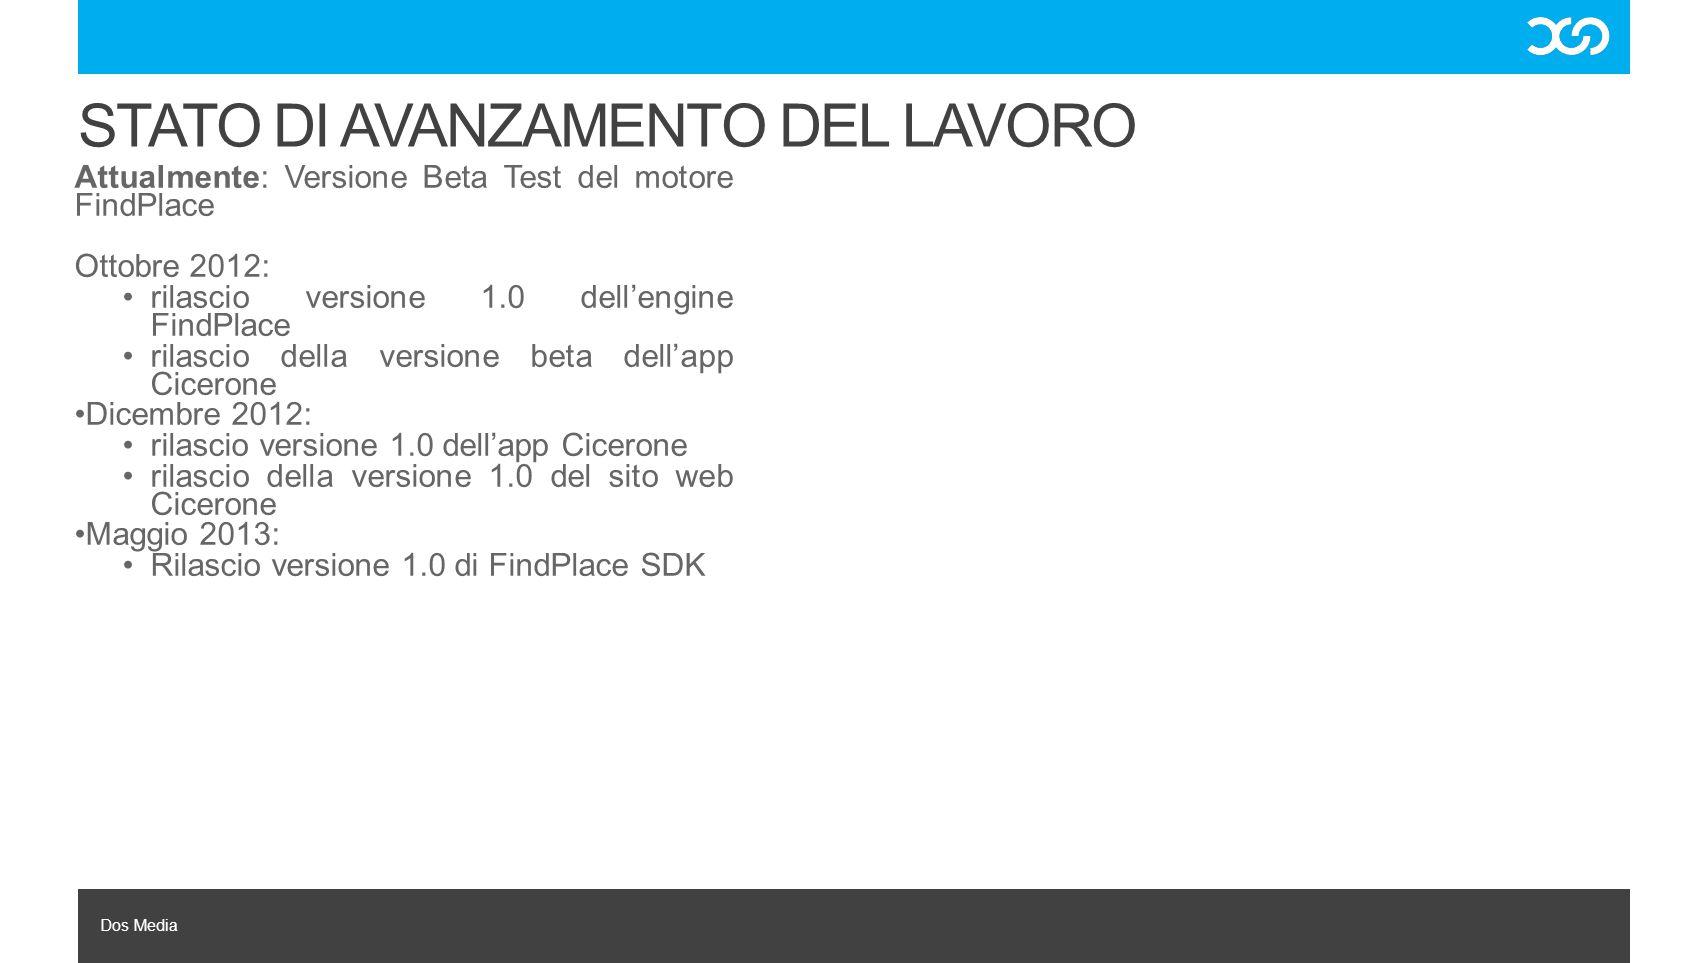 Dos Media STATO DI AVANZAMENTO DEL LAVORO Attualmente: Versione Beta Test del motore FindPlace Ottobre 2012: rilascio versione 1.0 dell'engine FindPla